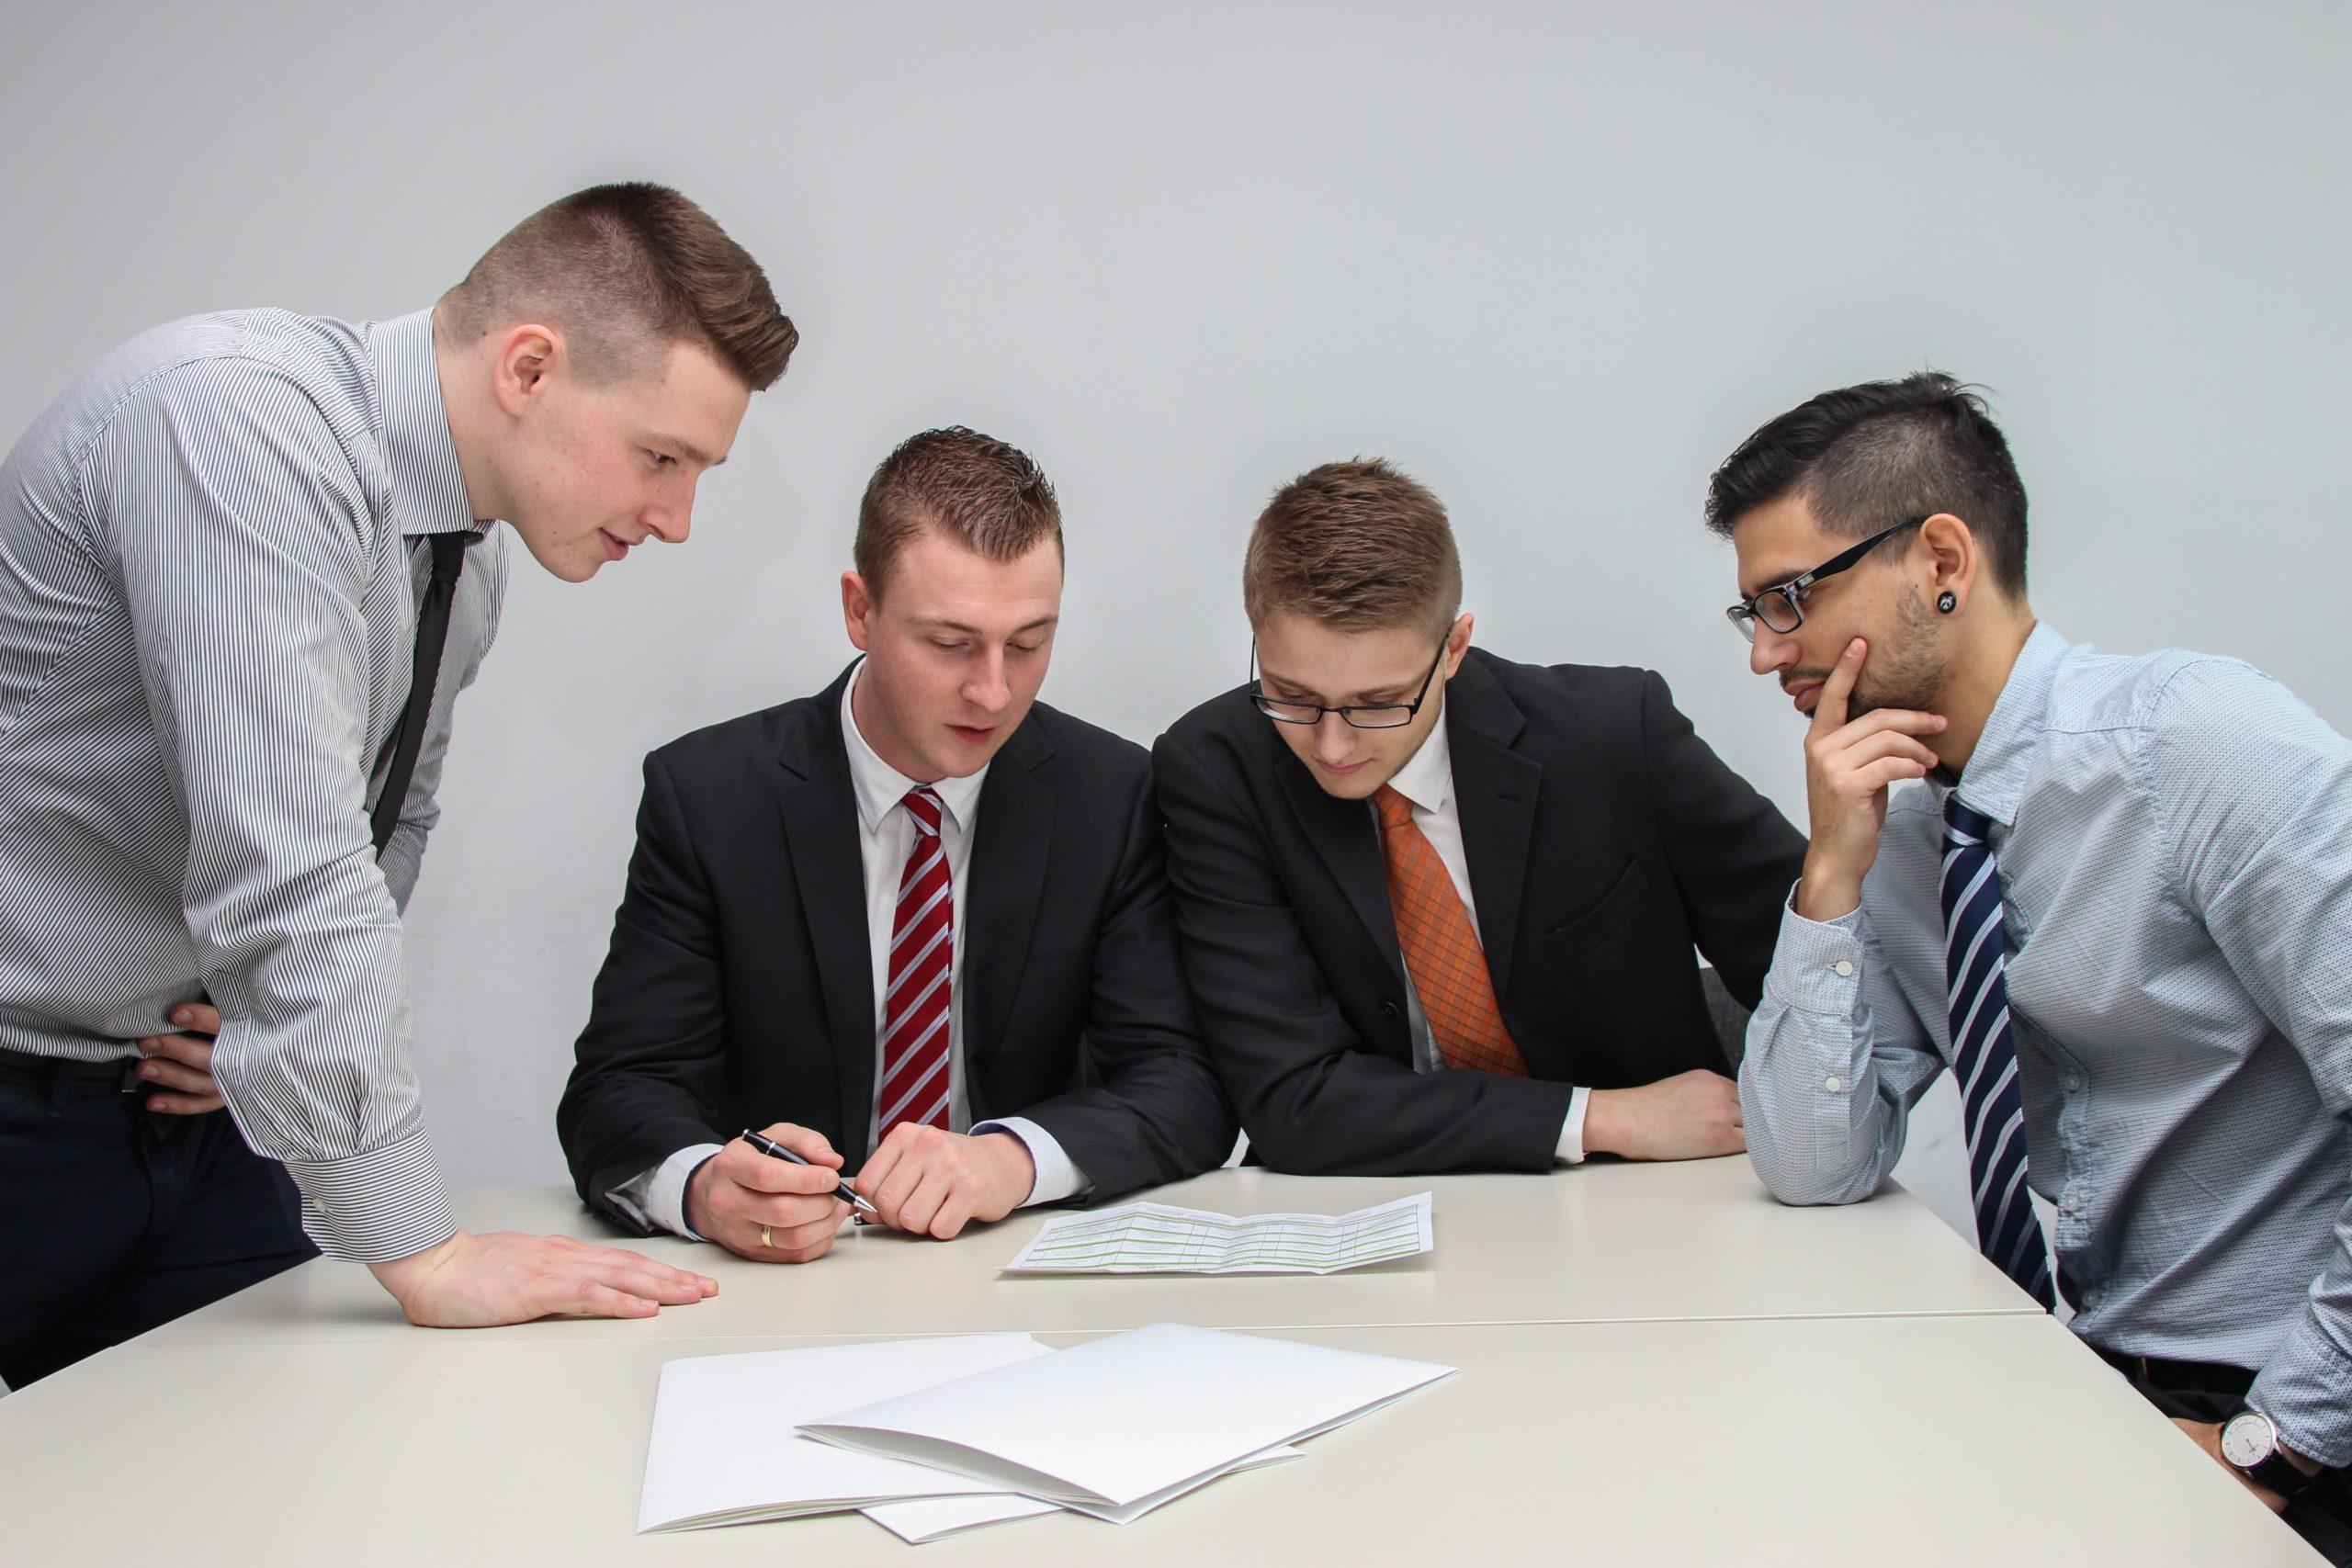 公務員から民間に転職するのが難しい理由【ビジネス経験がないから】